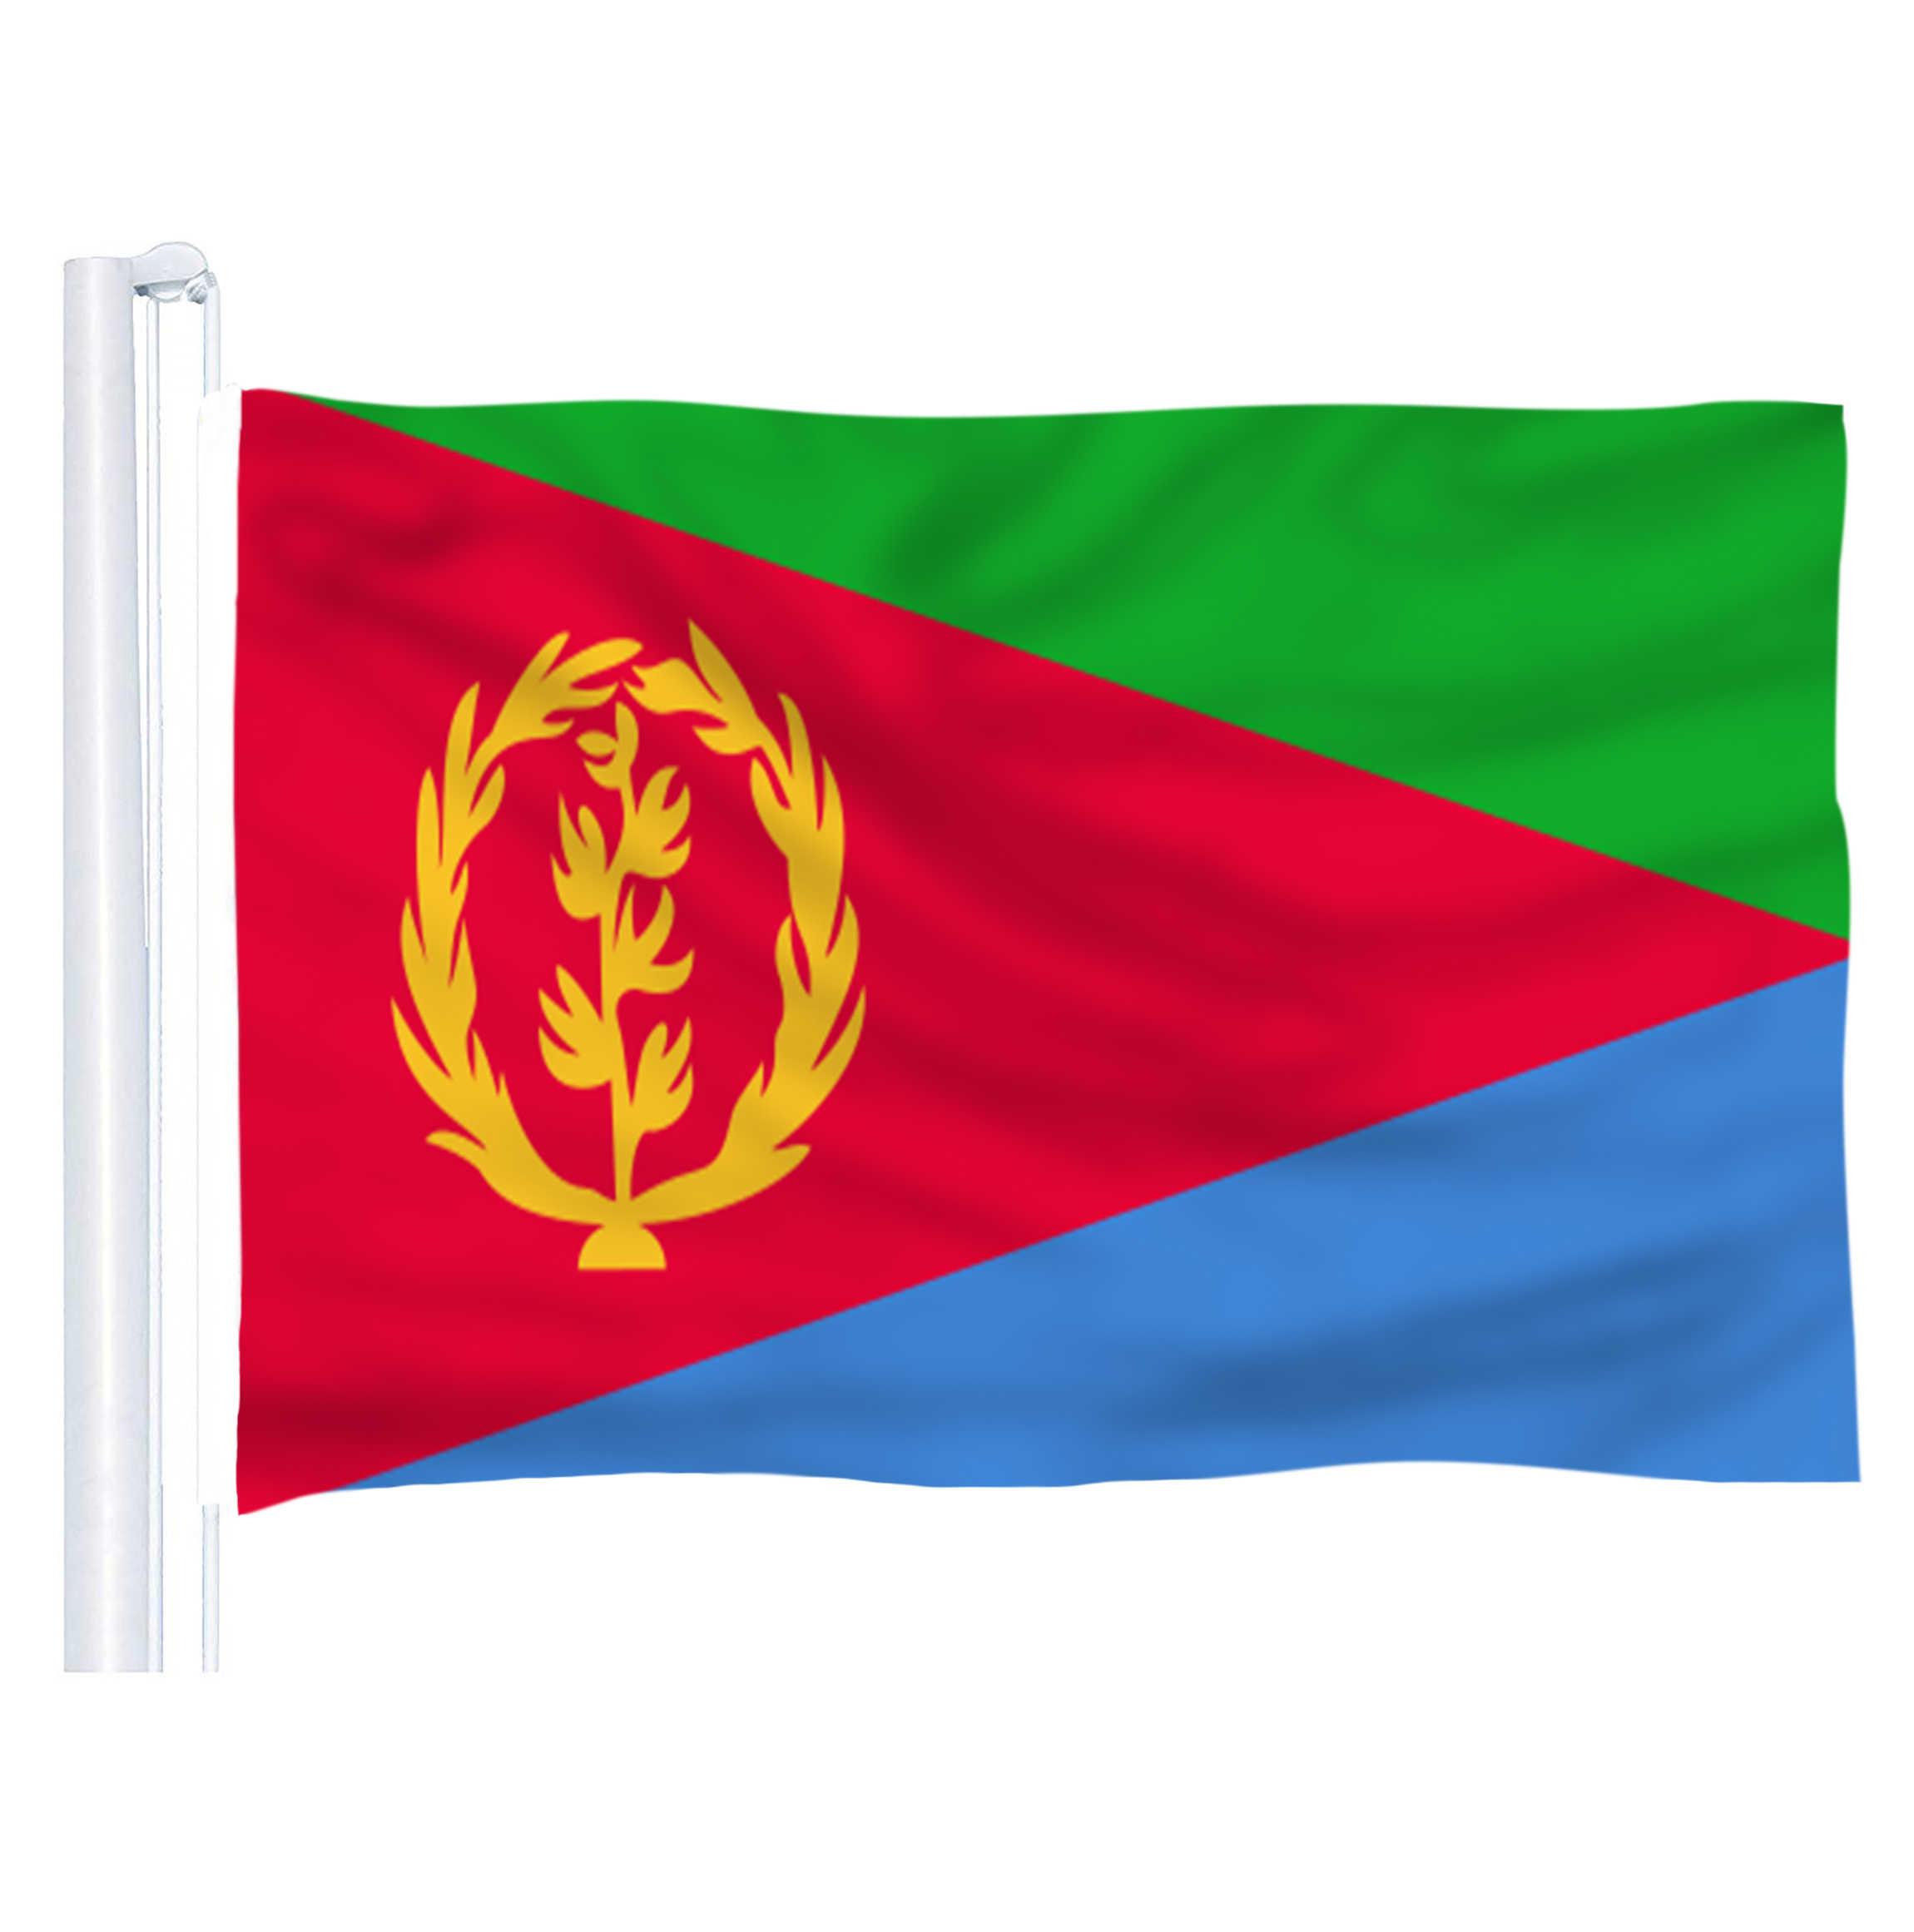 2018 ขายร้อนของเอริเทรีย (ER) ธงธงโพลีเอสเตอร์ 5*3 ฟุต 150*90 ซม.โลโก้สี